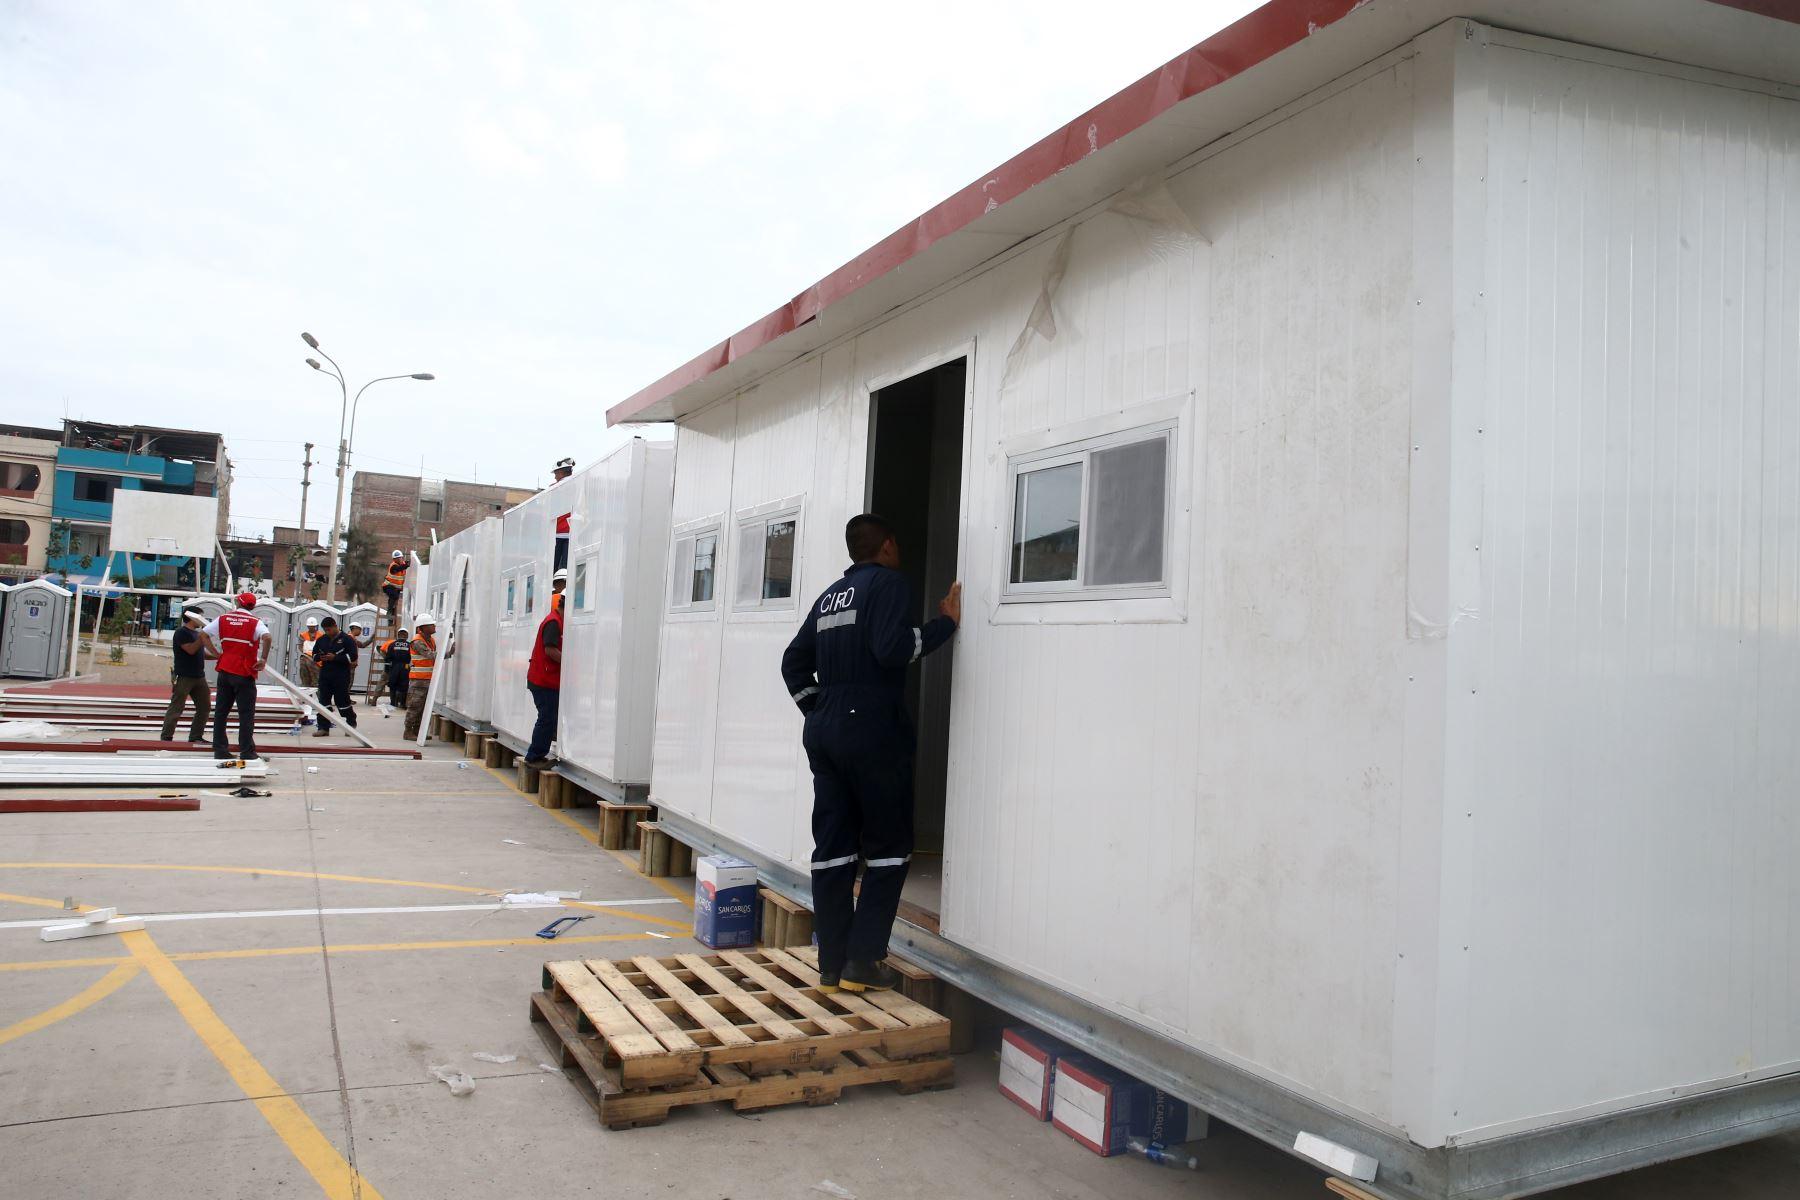 Ministerio de Vivienda instala módulos de vivienda temporal y atiende las necesidades de las familias damnificadas tras el incidente en Villa el Salvador. Foto: ANDINA/ Vidal Tarqui